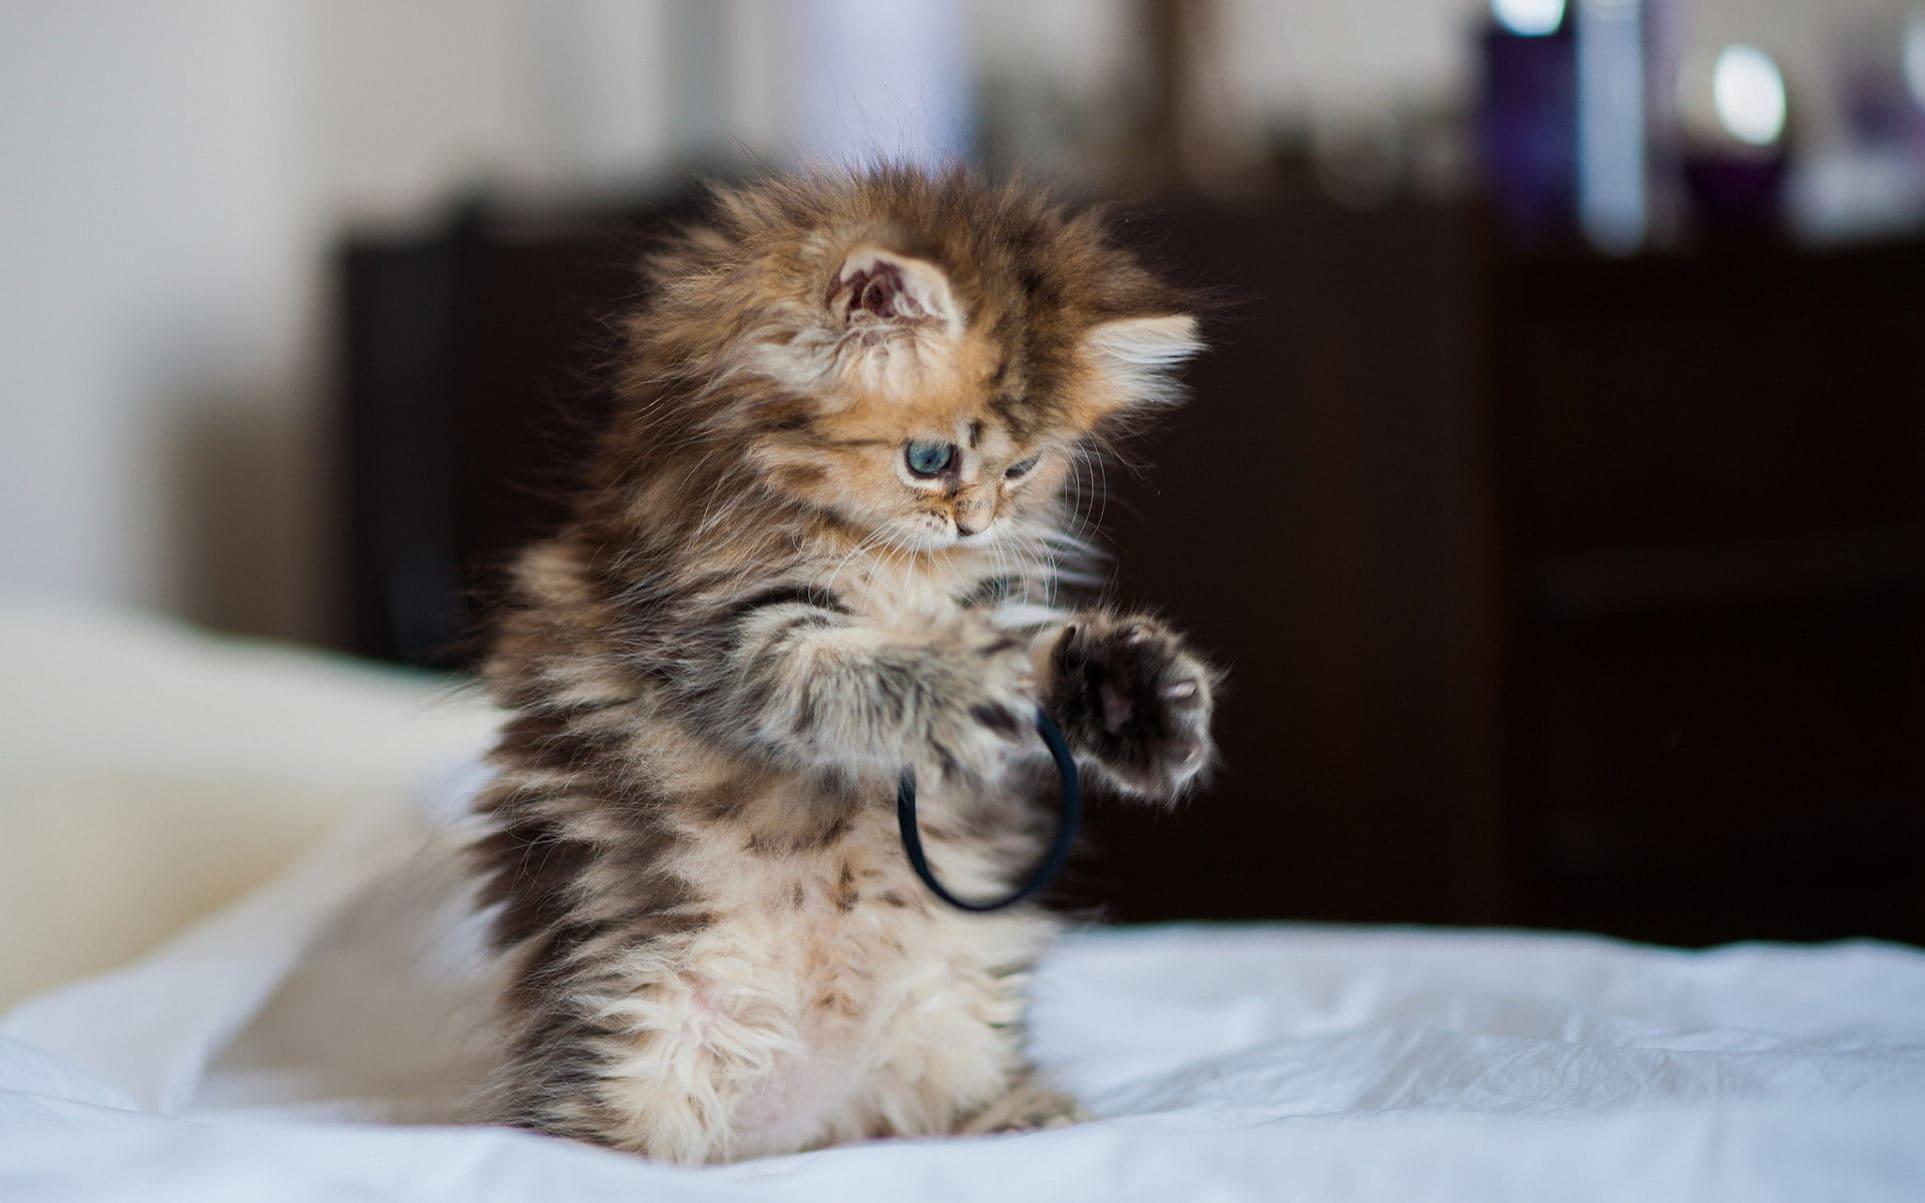 Самые милые и красивые котята картинки